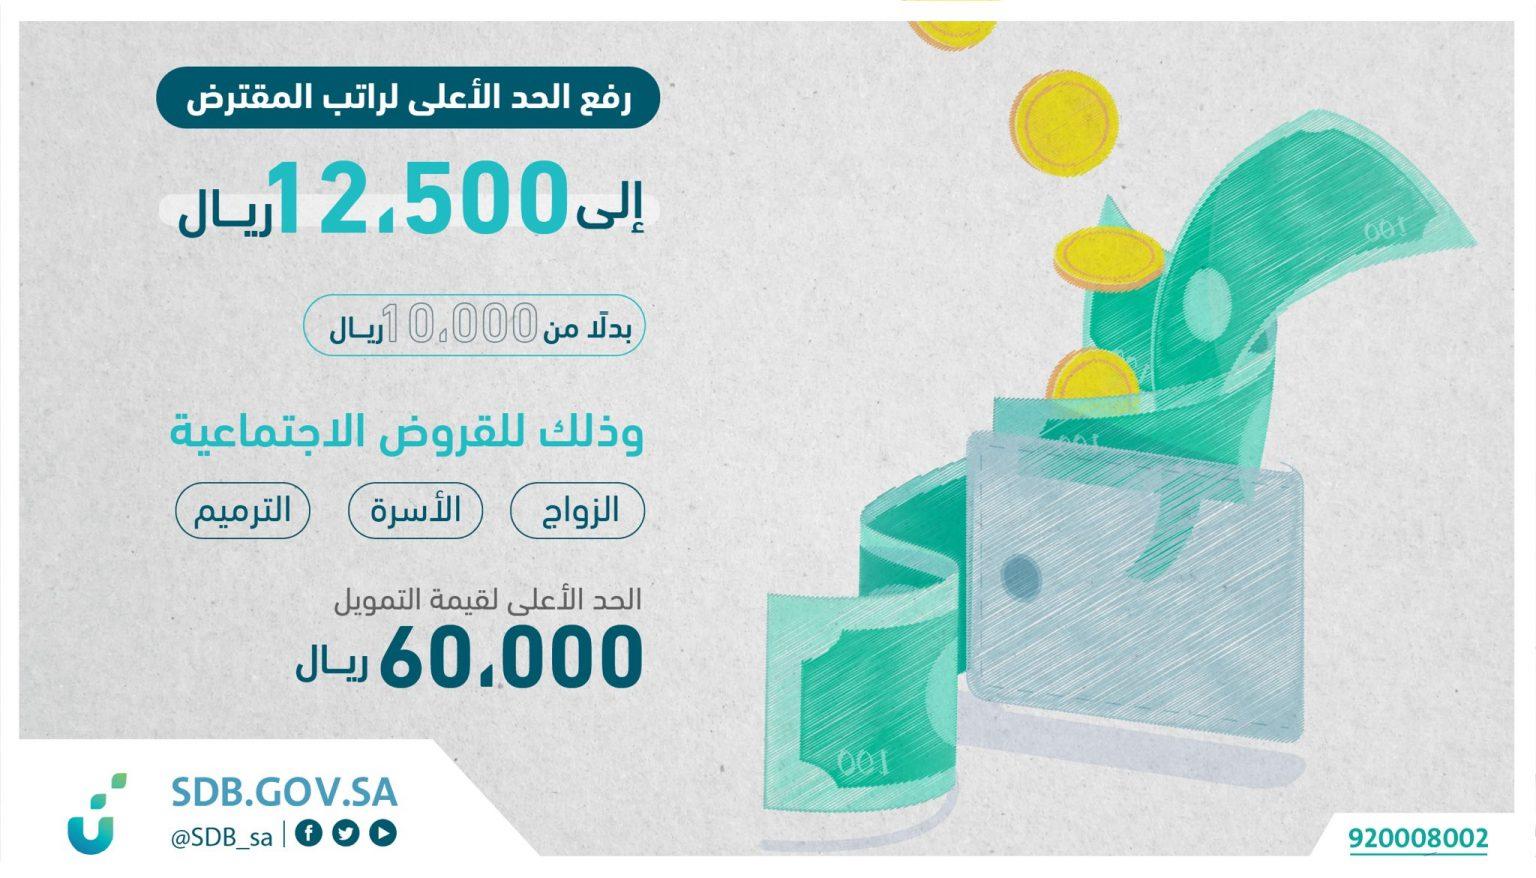 شروط قروض بنك التنمية الاجتماعية الجديدة 1442 للمواطنين ...